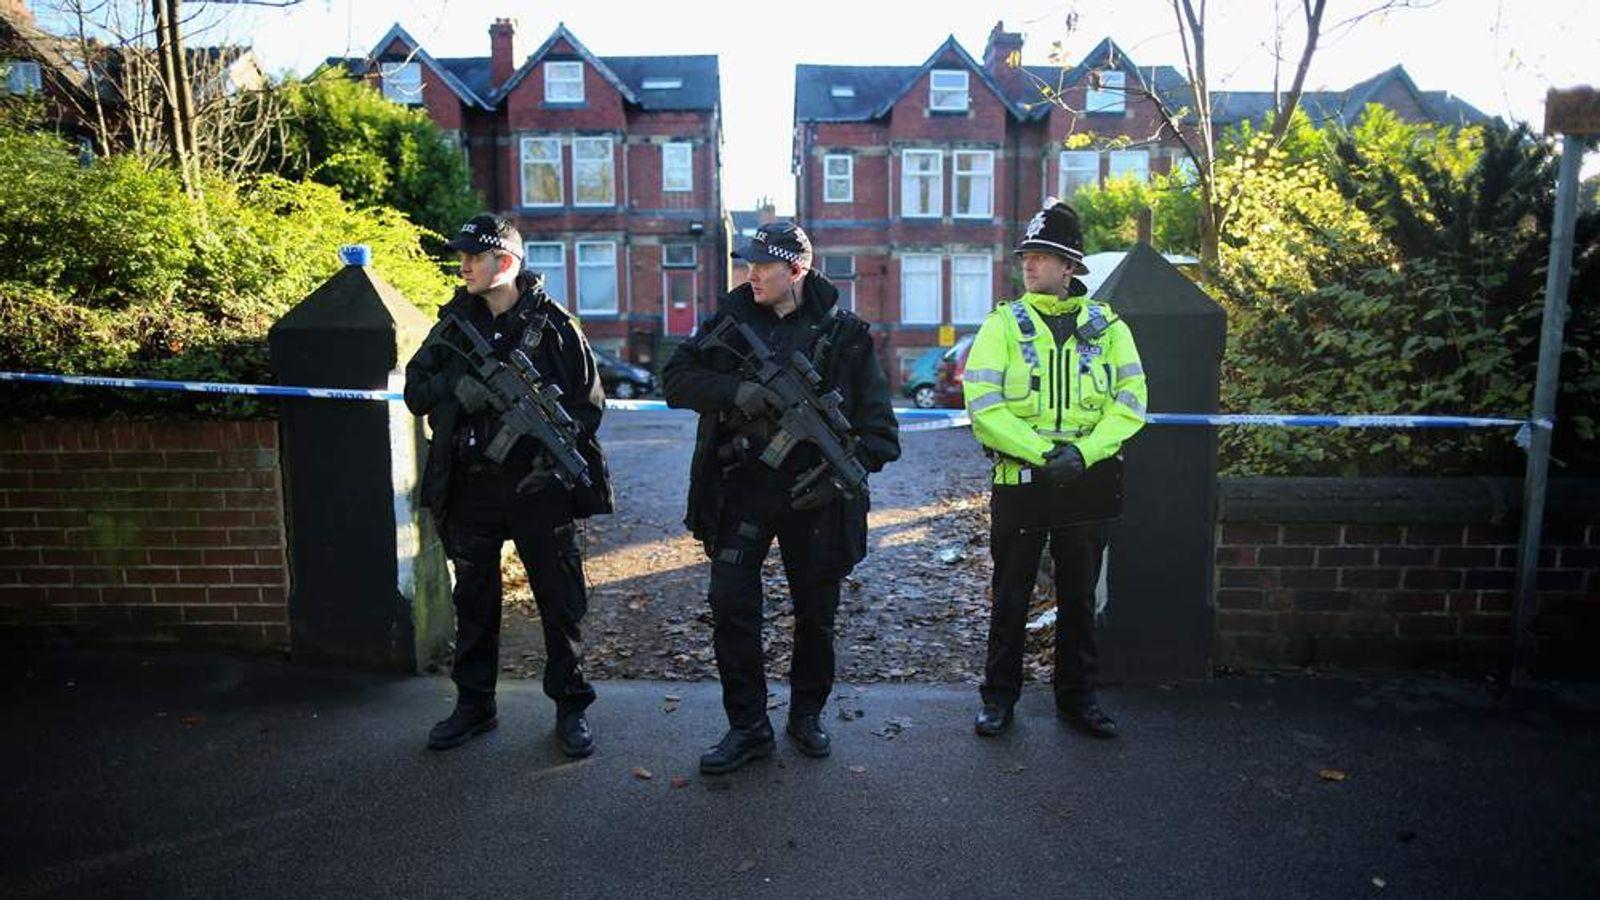 Policeman Manhunt For James Leslie After Shooting In Leeds